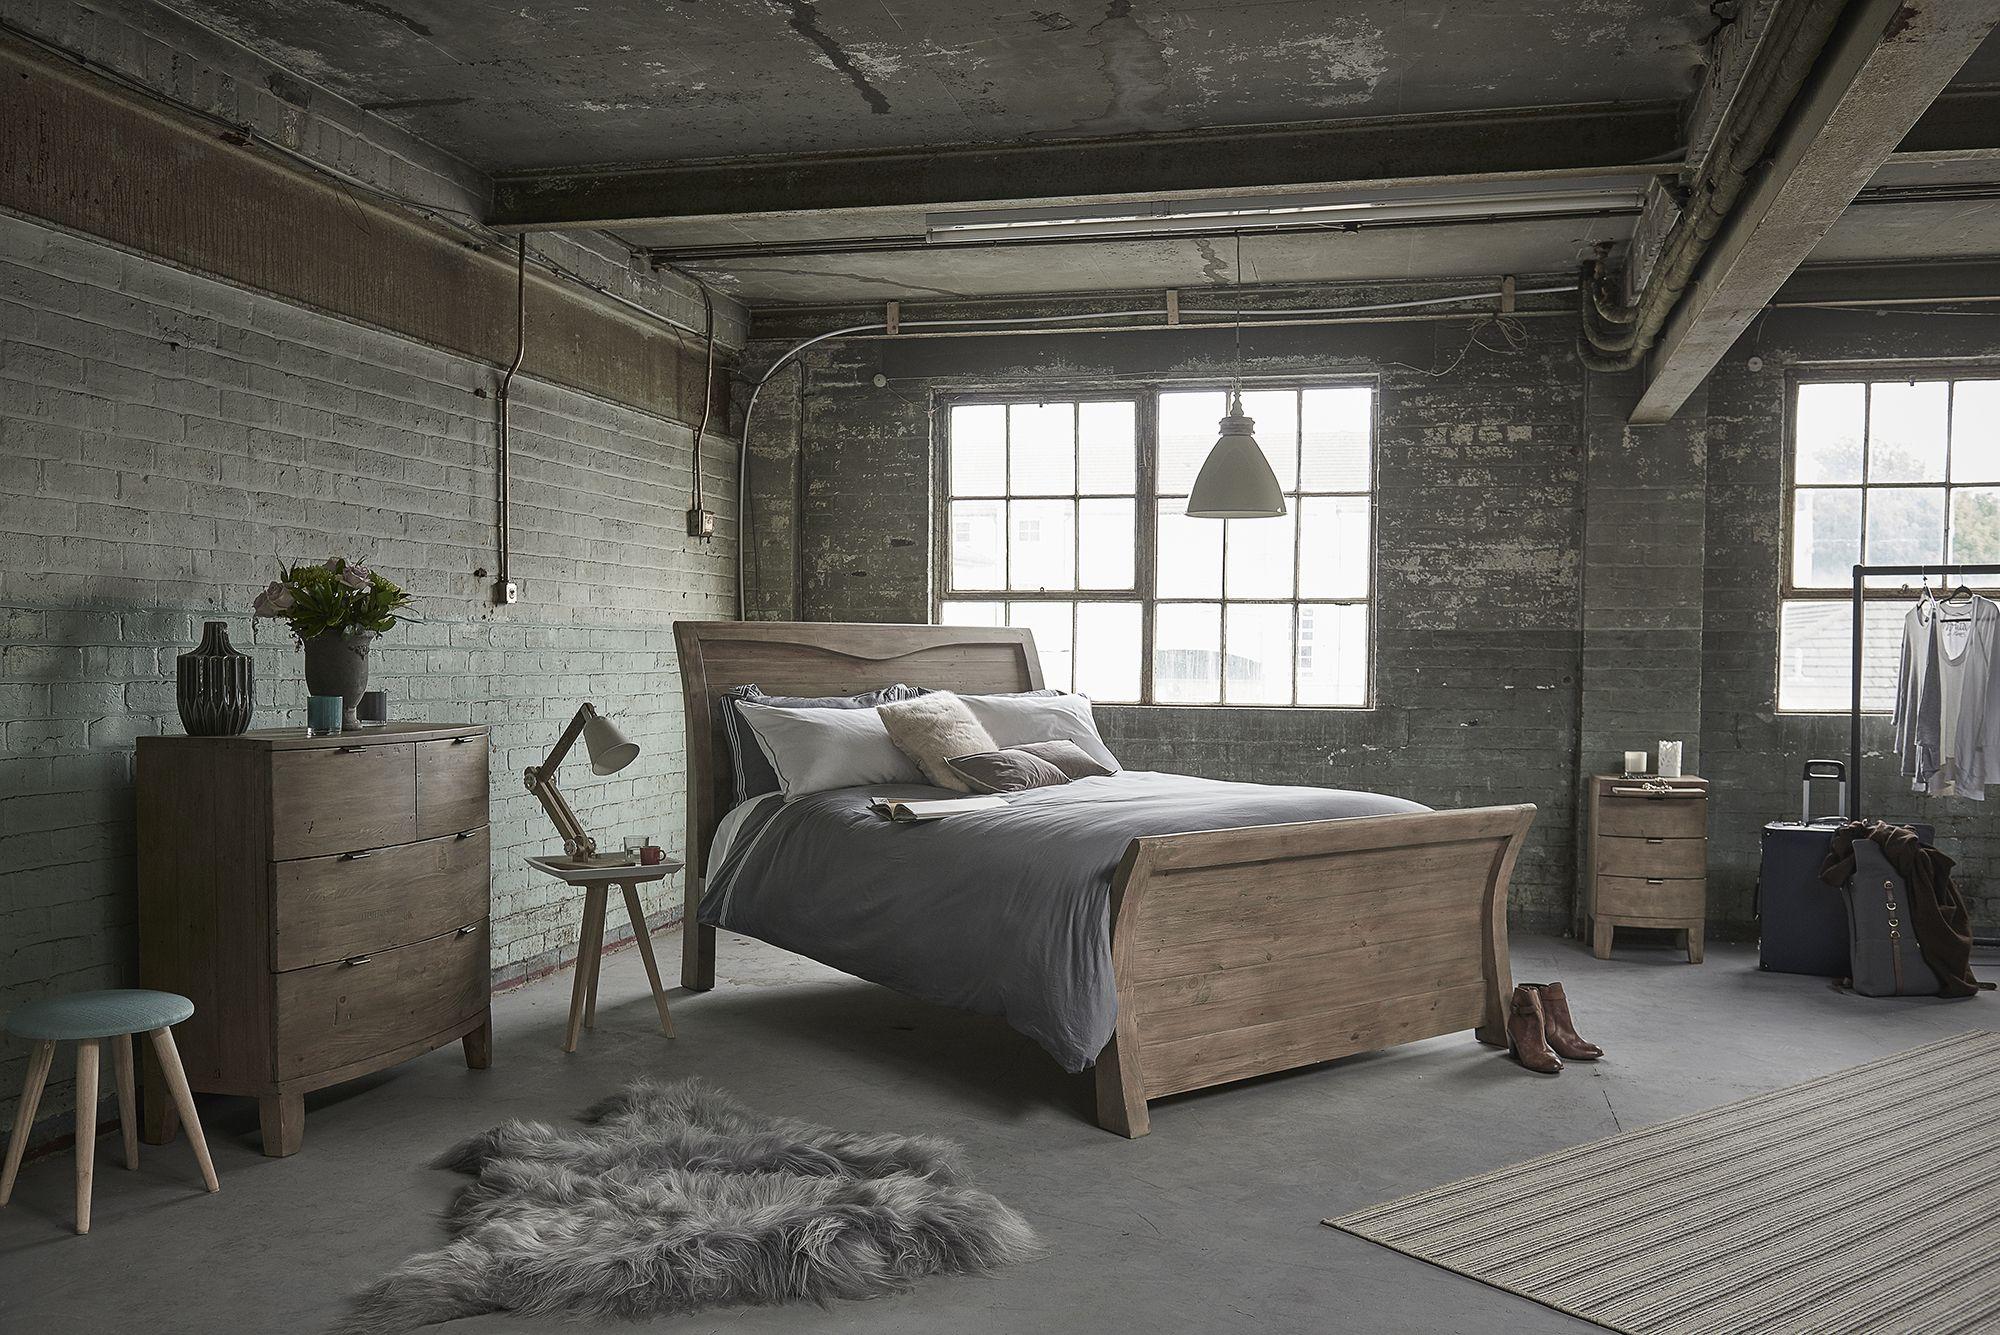 Lexington Bedframe Sterling furniture, Furniture, Bed frame